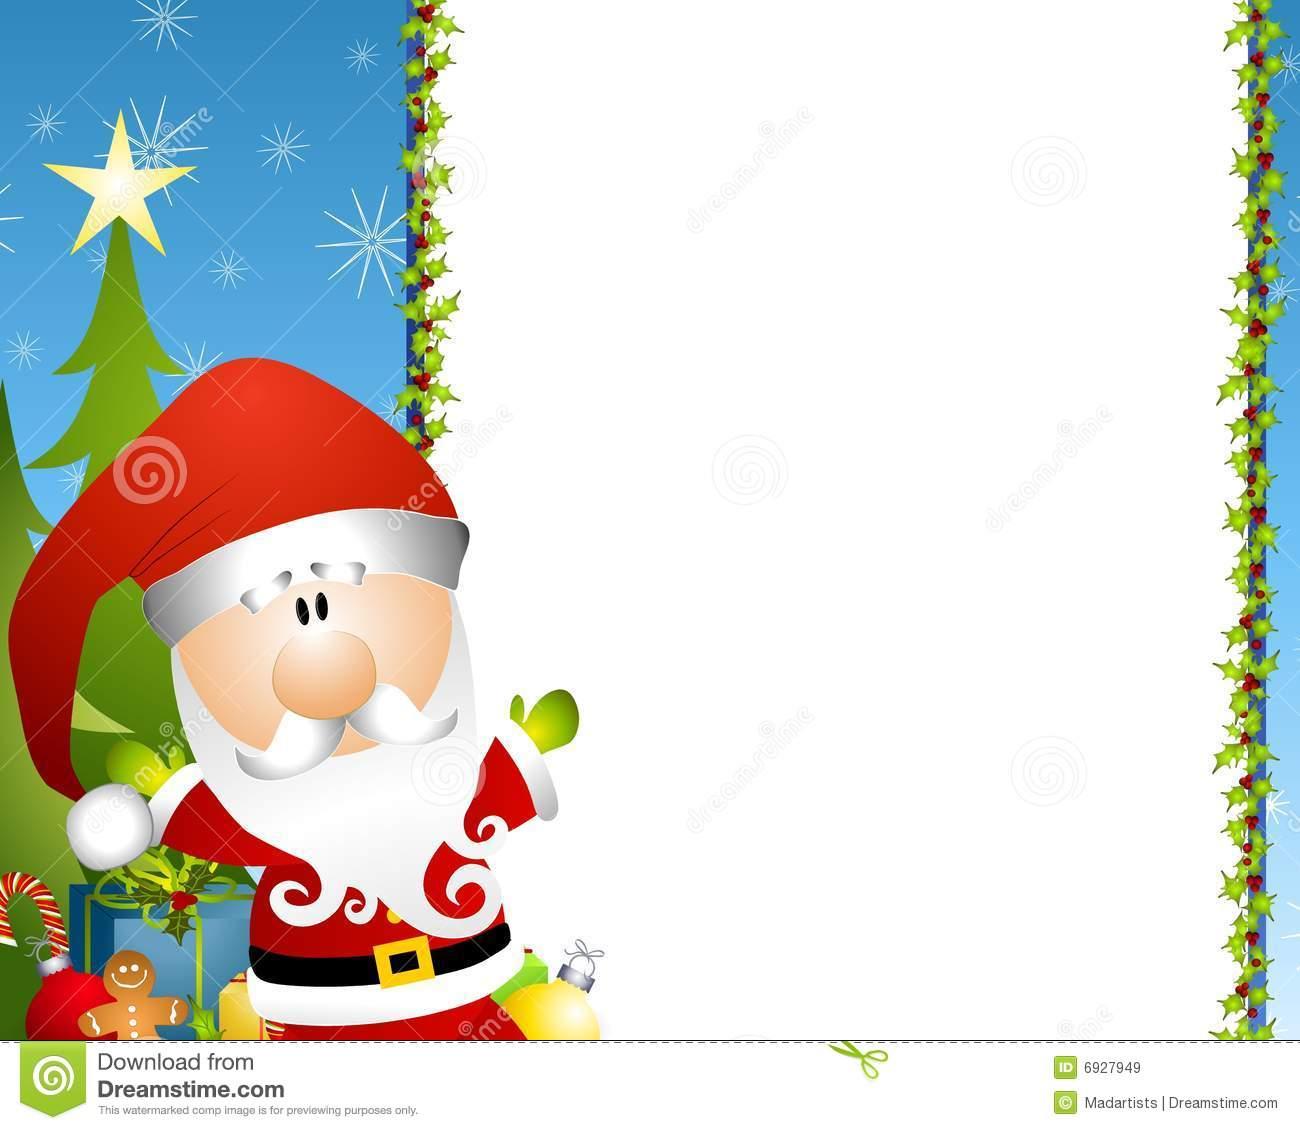 Santa Border Clipart & Free Clip Art Images #27324.